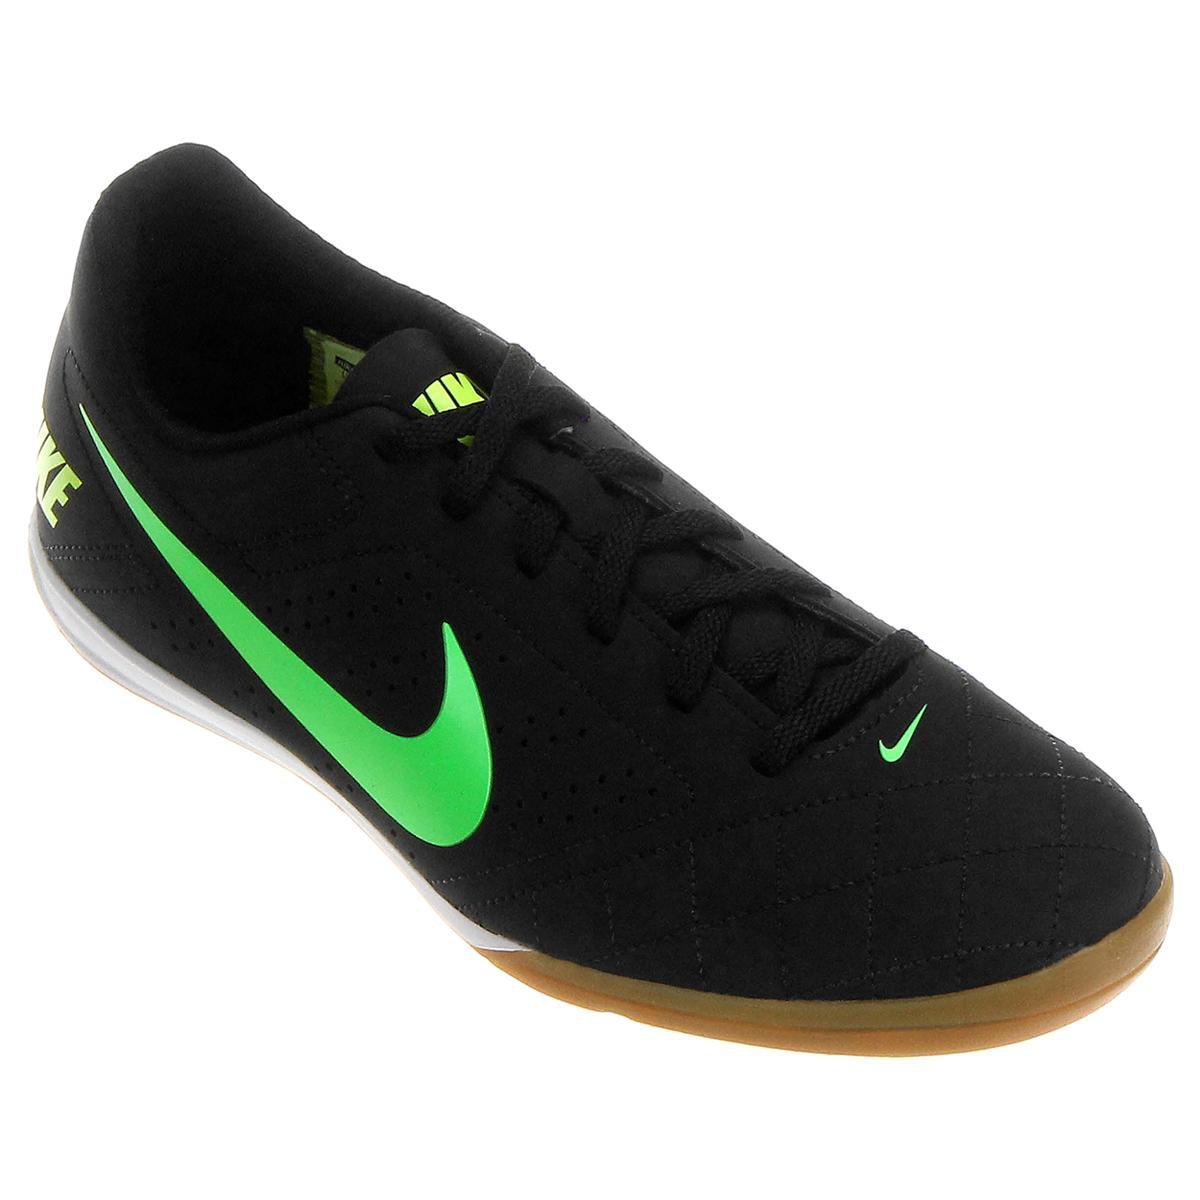 f30256071dd38 Chuteira Futsal Nike Beco 2 Futsal - Preto e Verde Limão - Compre Agora